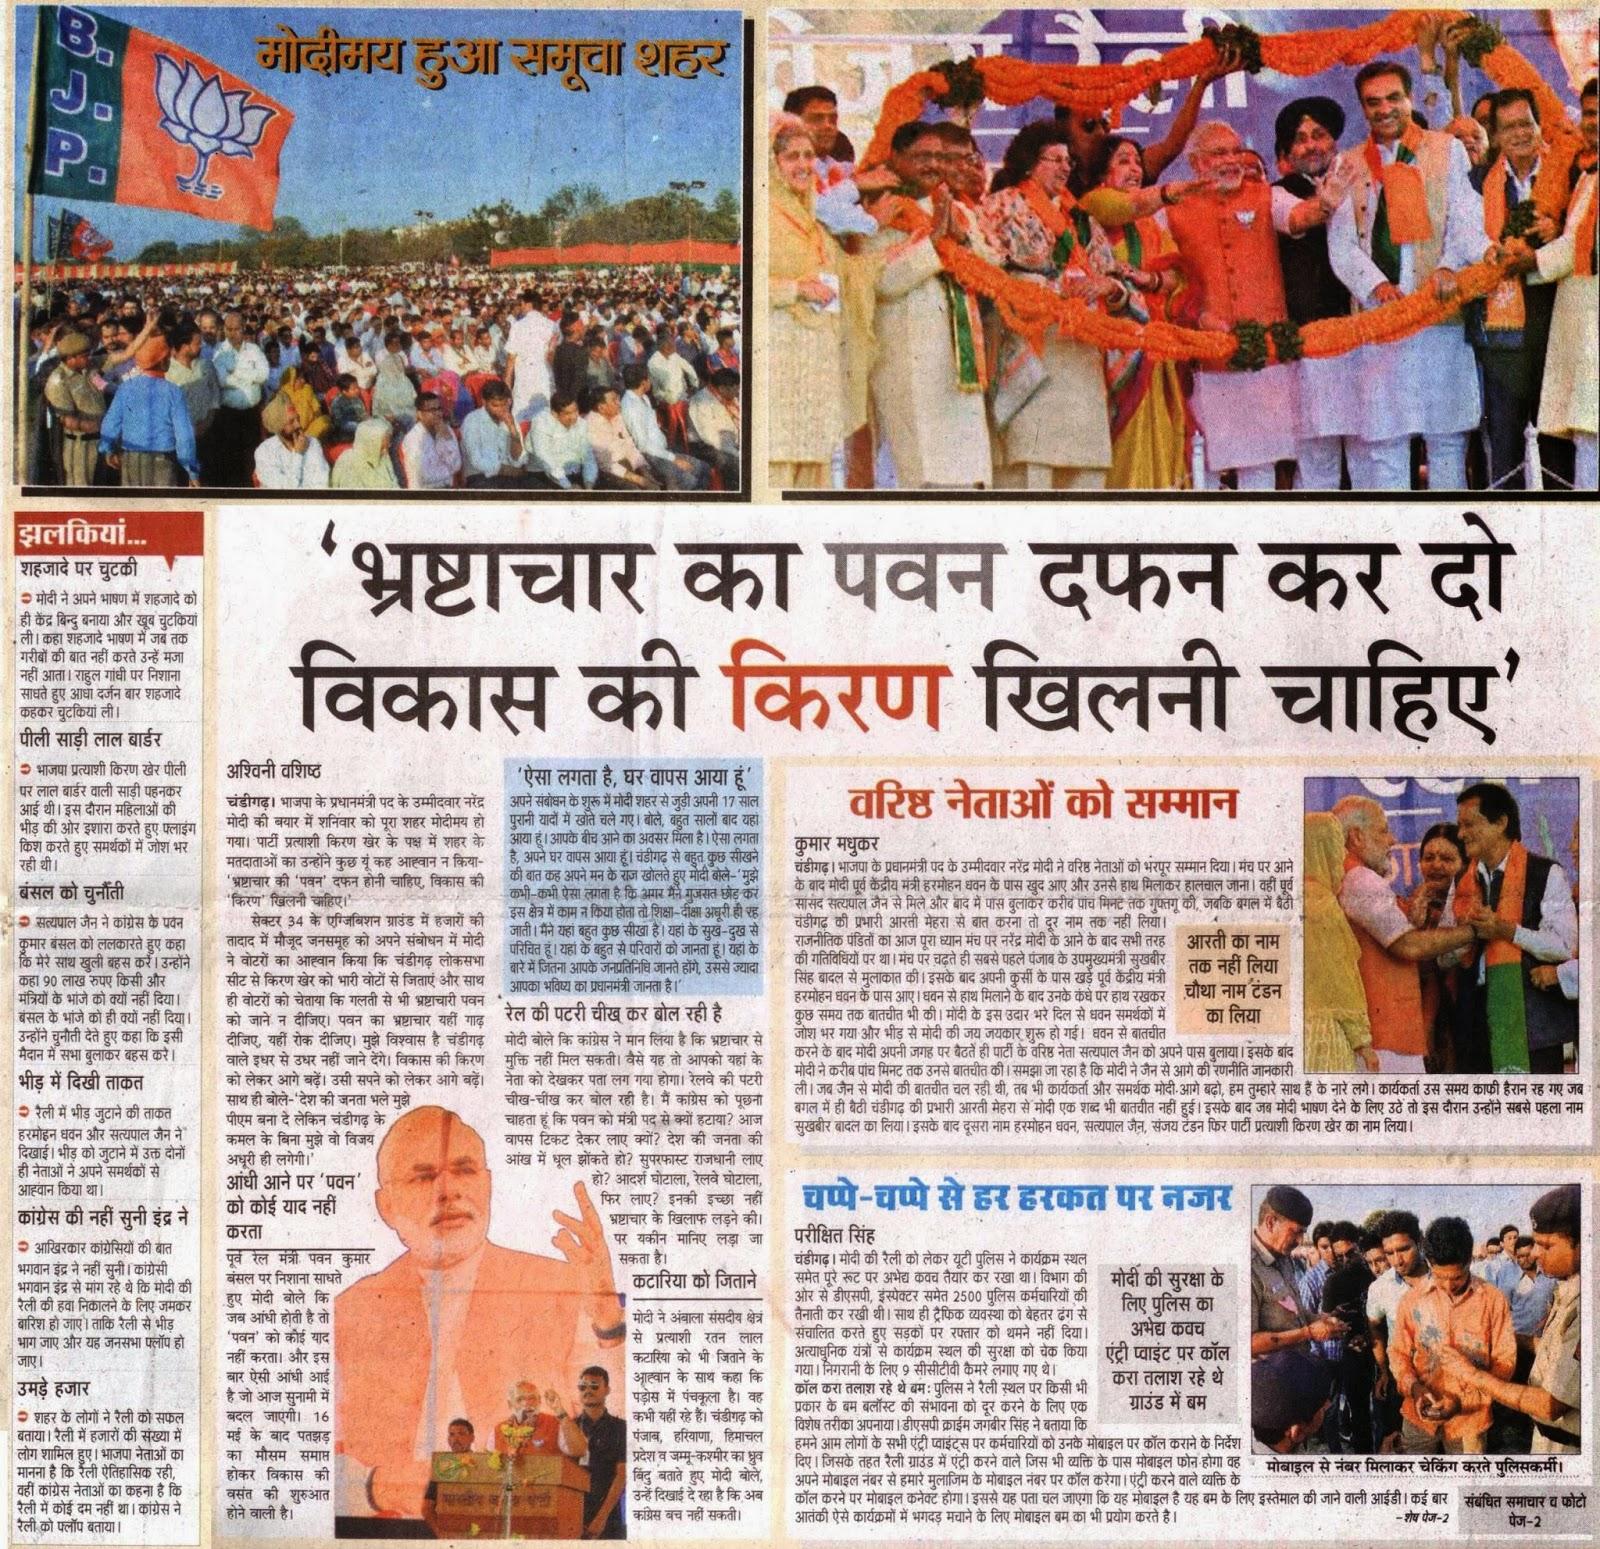 भाजपा के प्रधानमंत्री पद के उम्मीदवार नरेंद्र मोदी का स्वागत करते पूर्व सांसद सत्य पाल जैन, भाजपा प्रत्याशी किरण खेर व अन्य